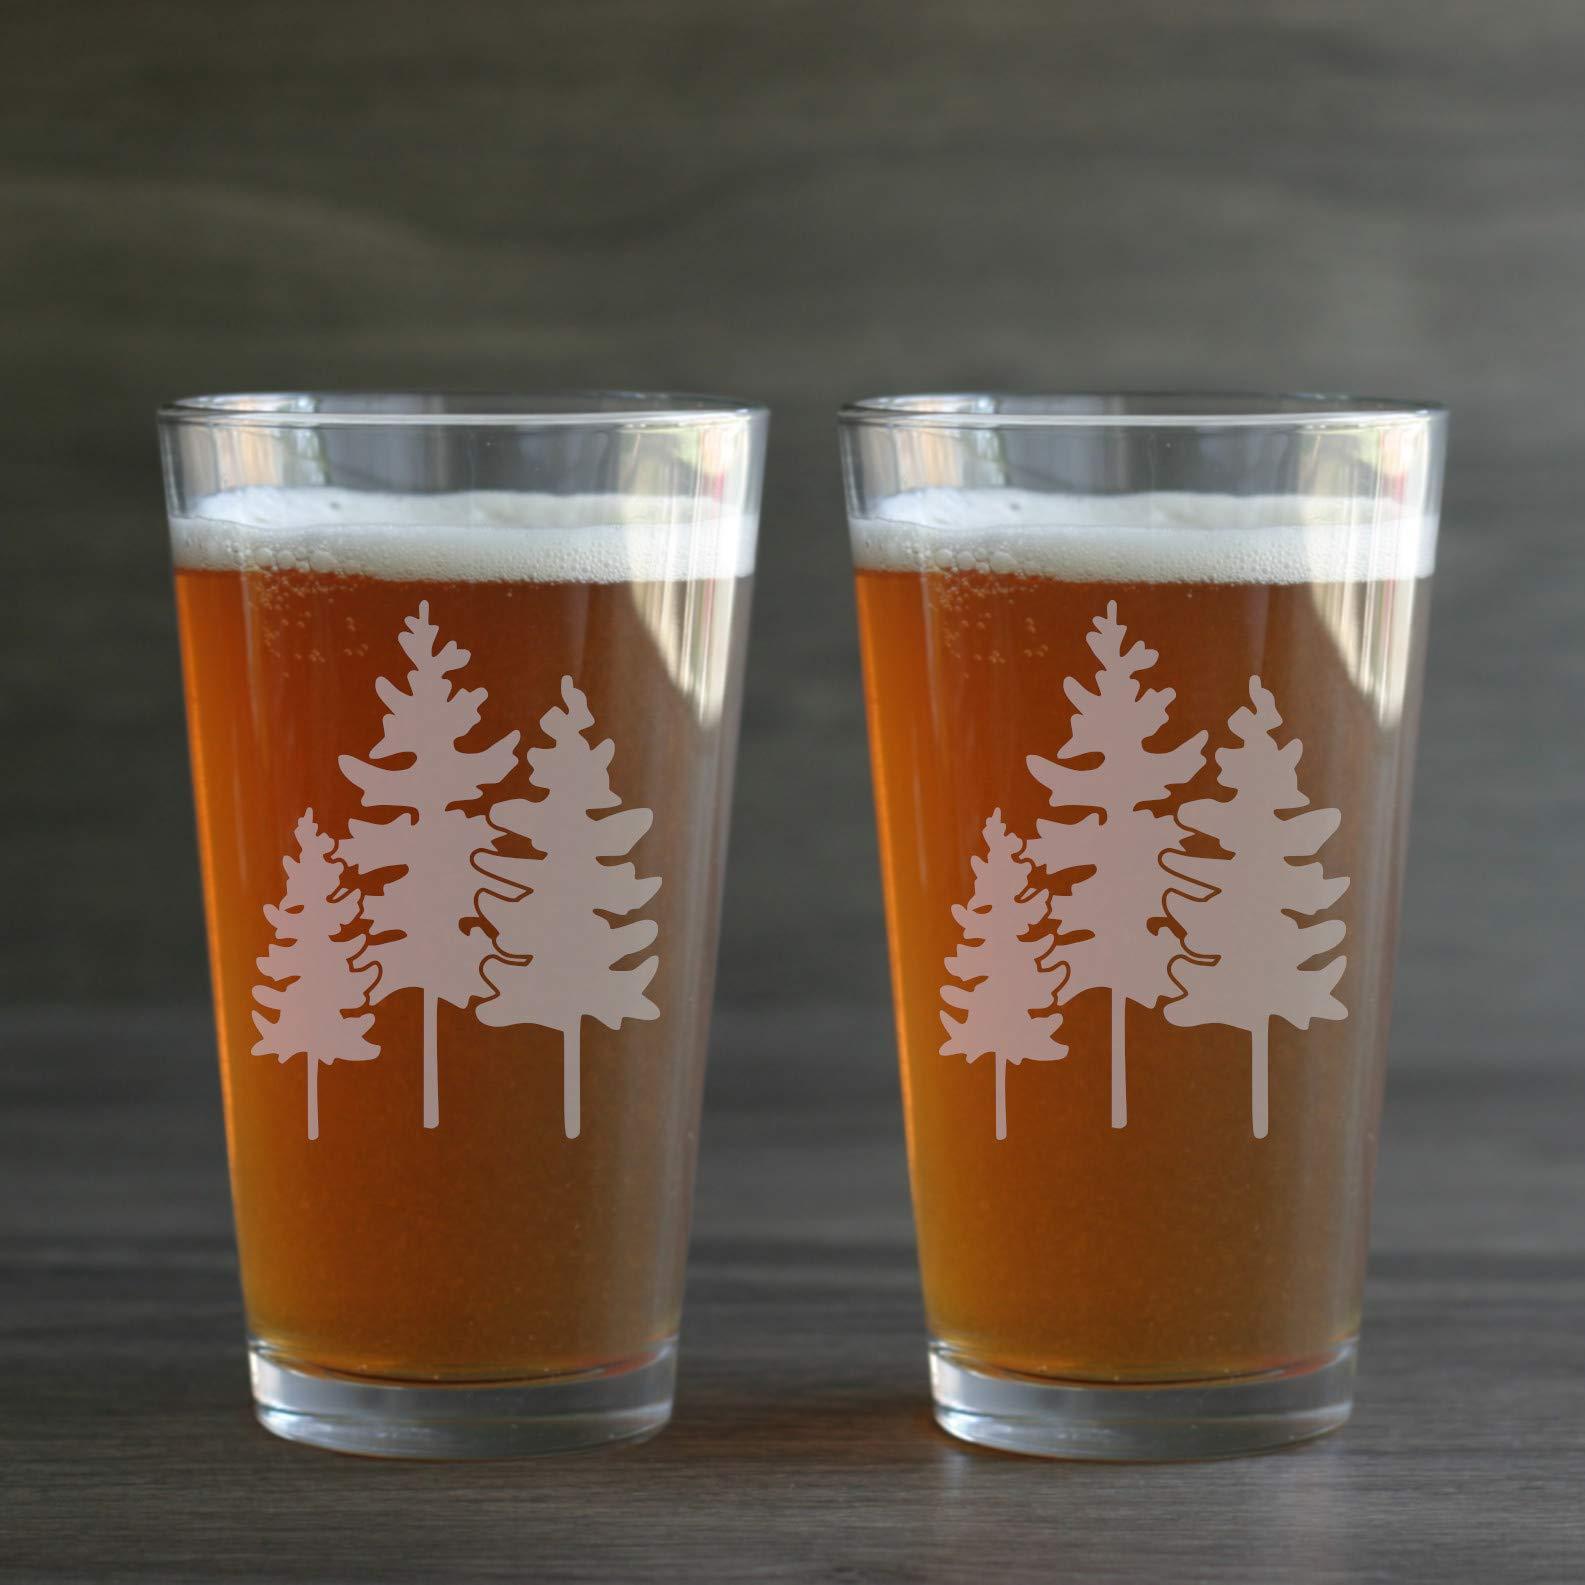 FAMILY TREES Pint Beer Glasses set of 2